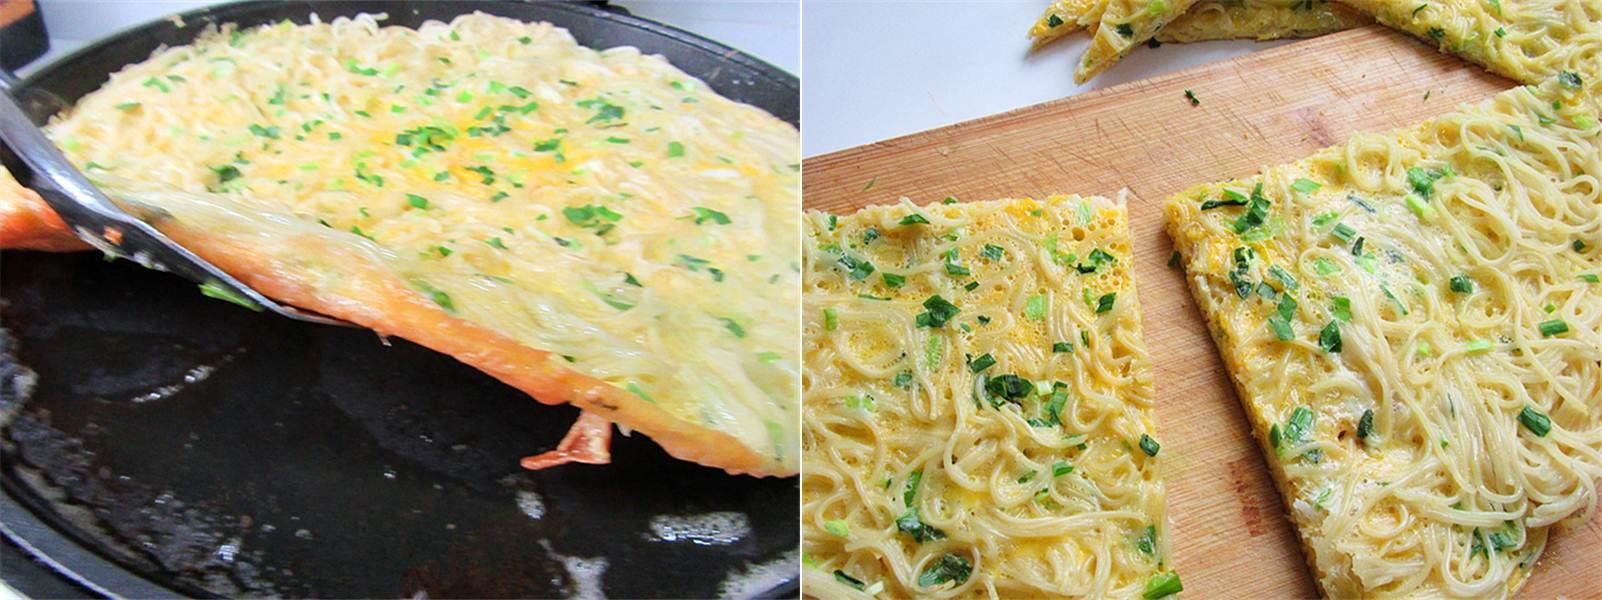 Chỉ với 2 nguyên liệu và 10 phút bạn có thể làm món ăn sáng vừa ngon vừa chất